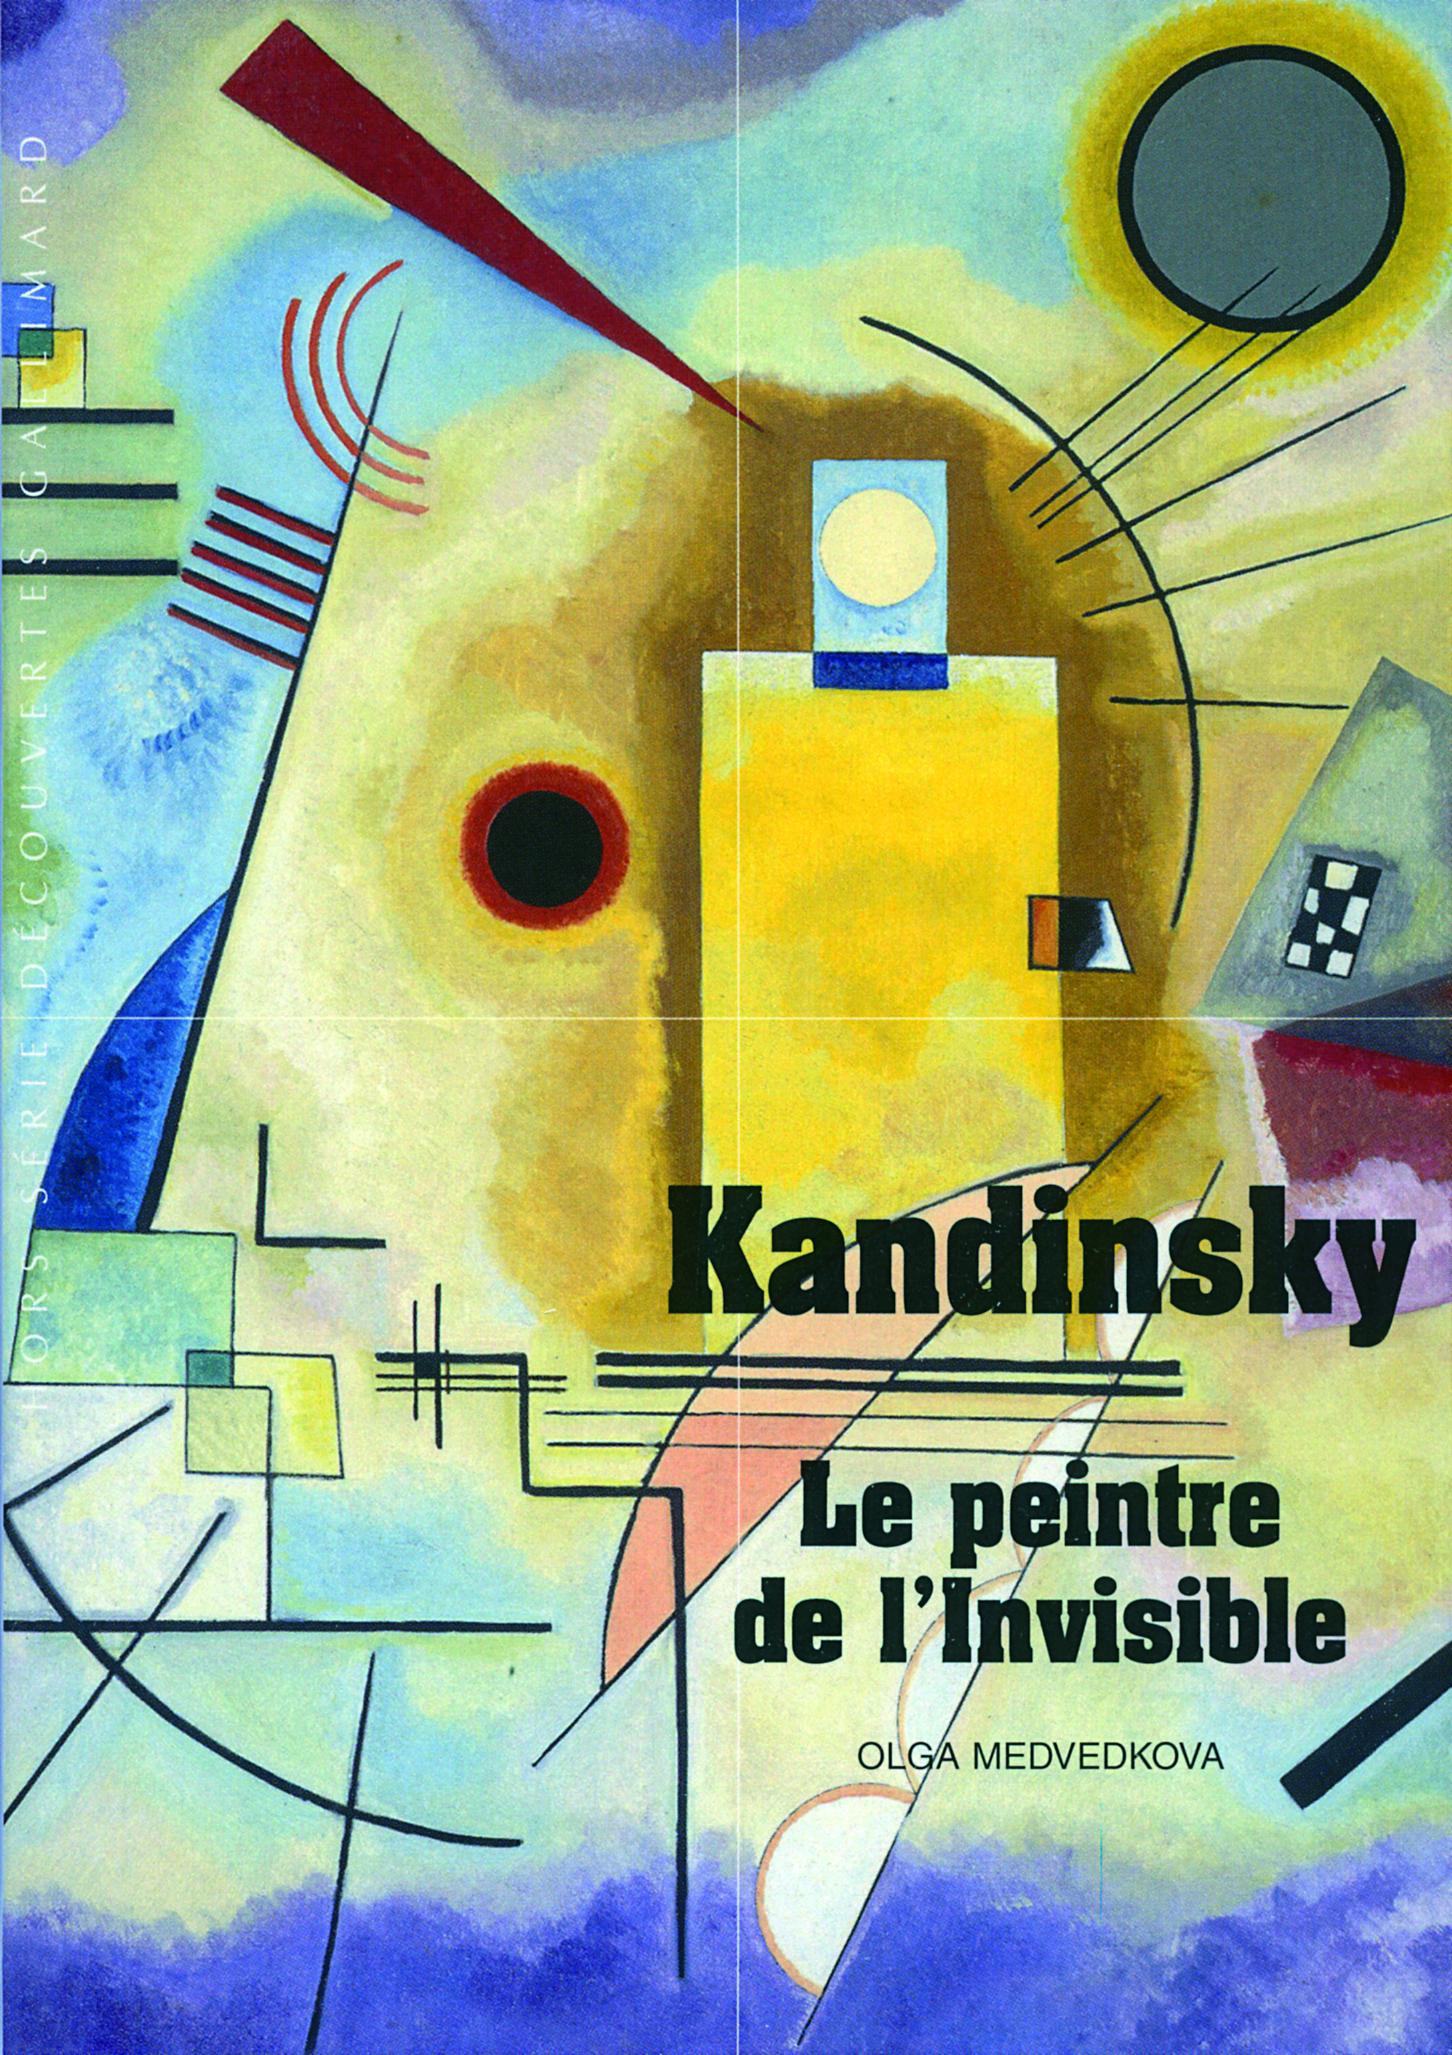 KANDINSKY - LE PEINTRE DE L'INVISIBLE